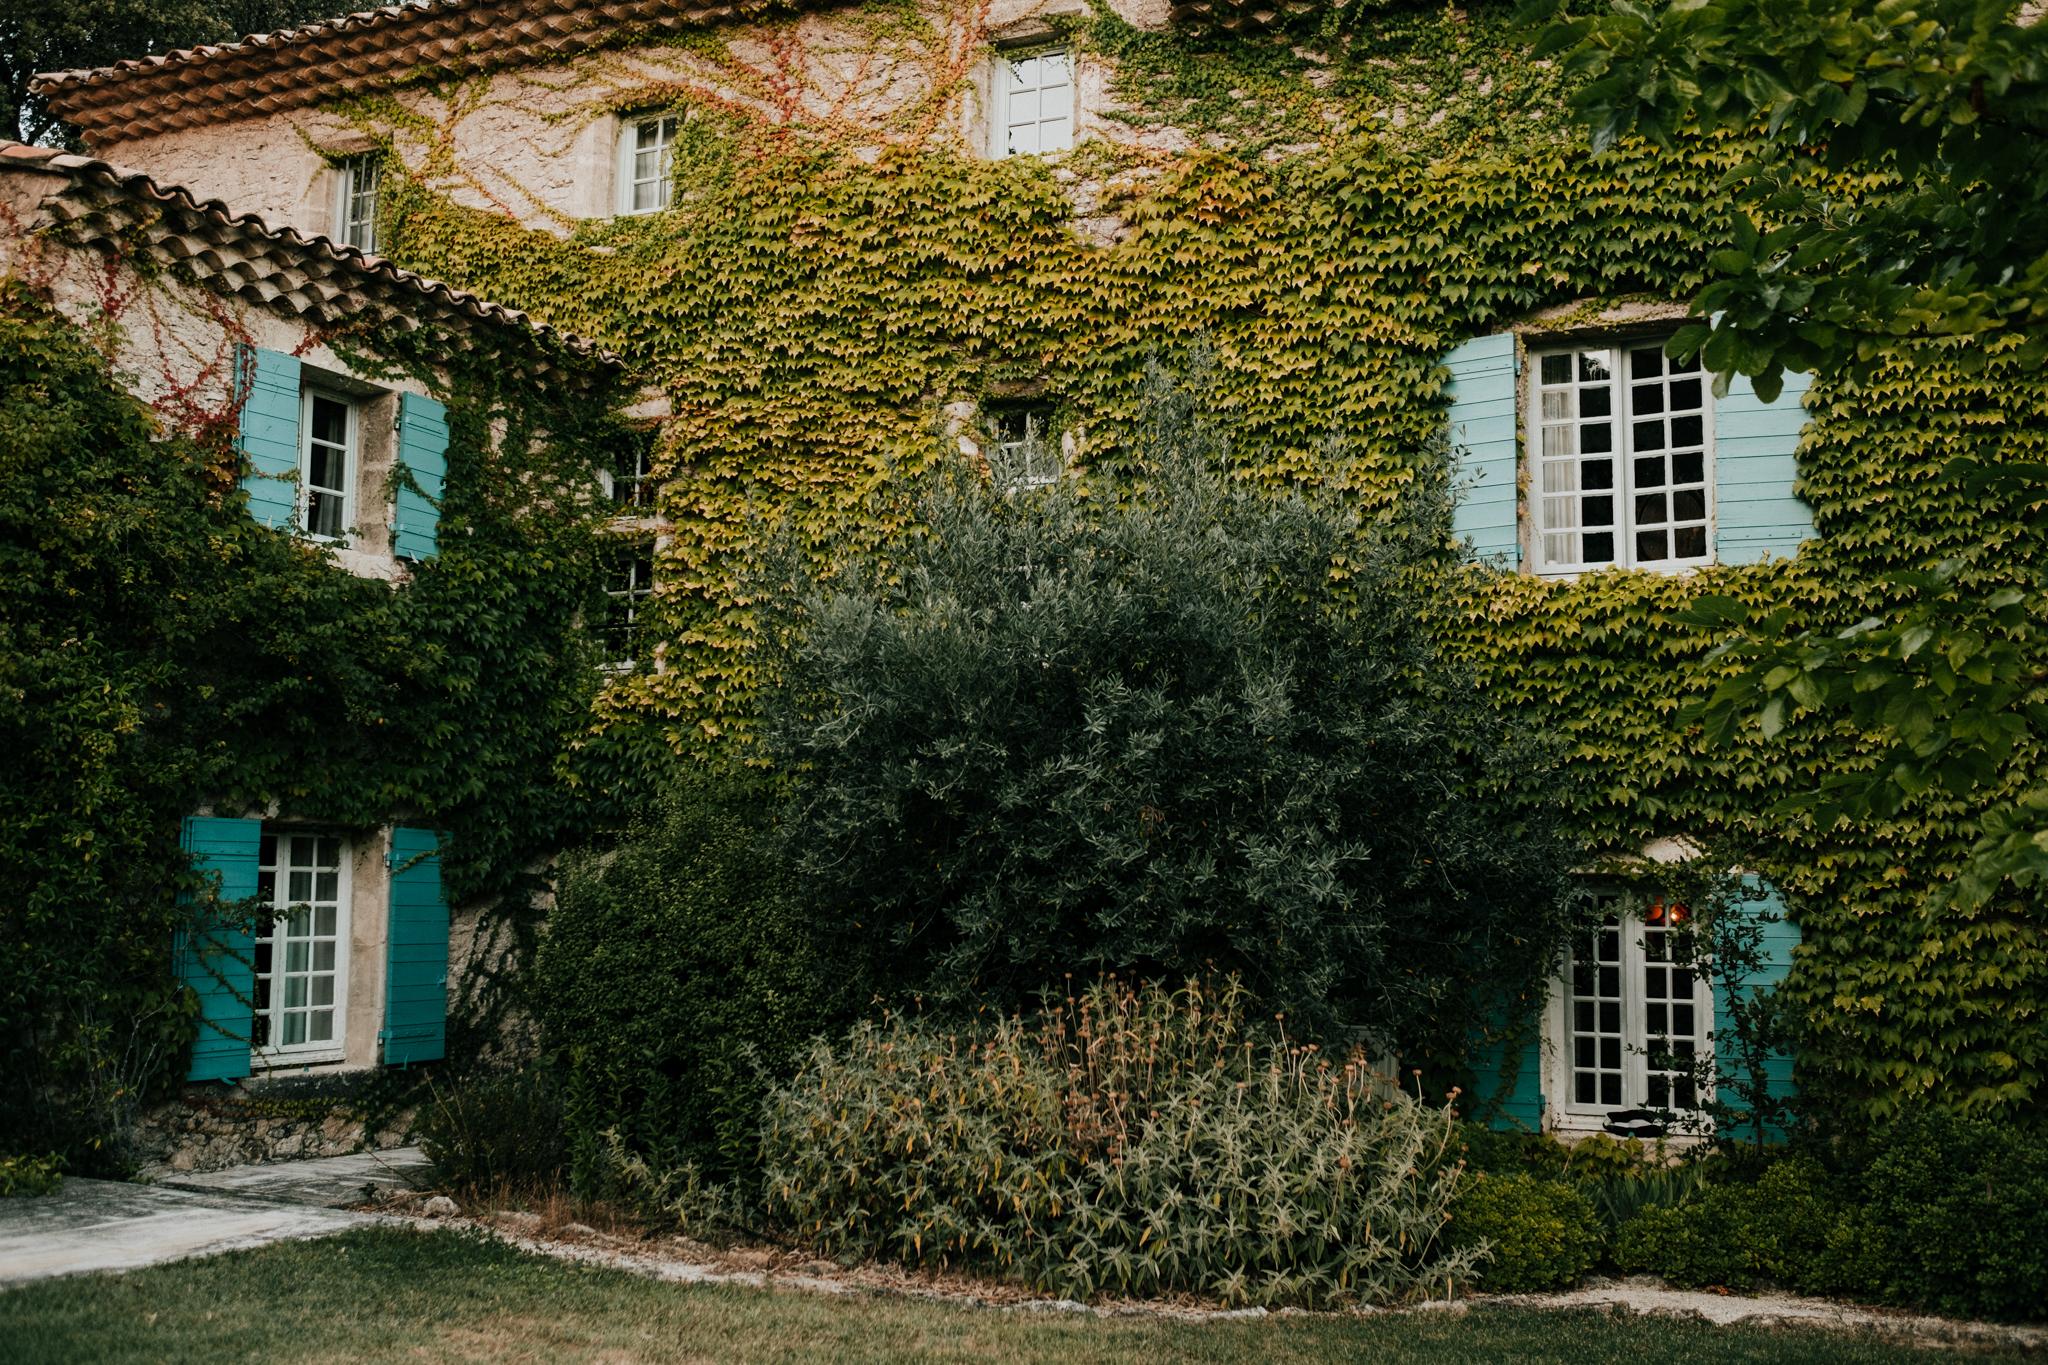 Domaine-de-la-Tuiliere-South-of-France-DonHelen-Wedding-Photographer